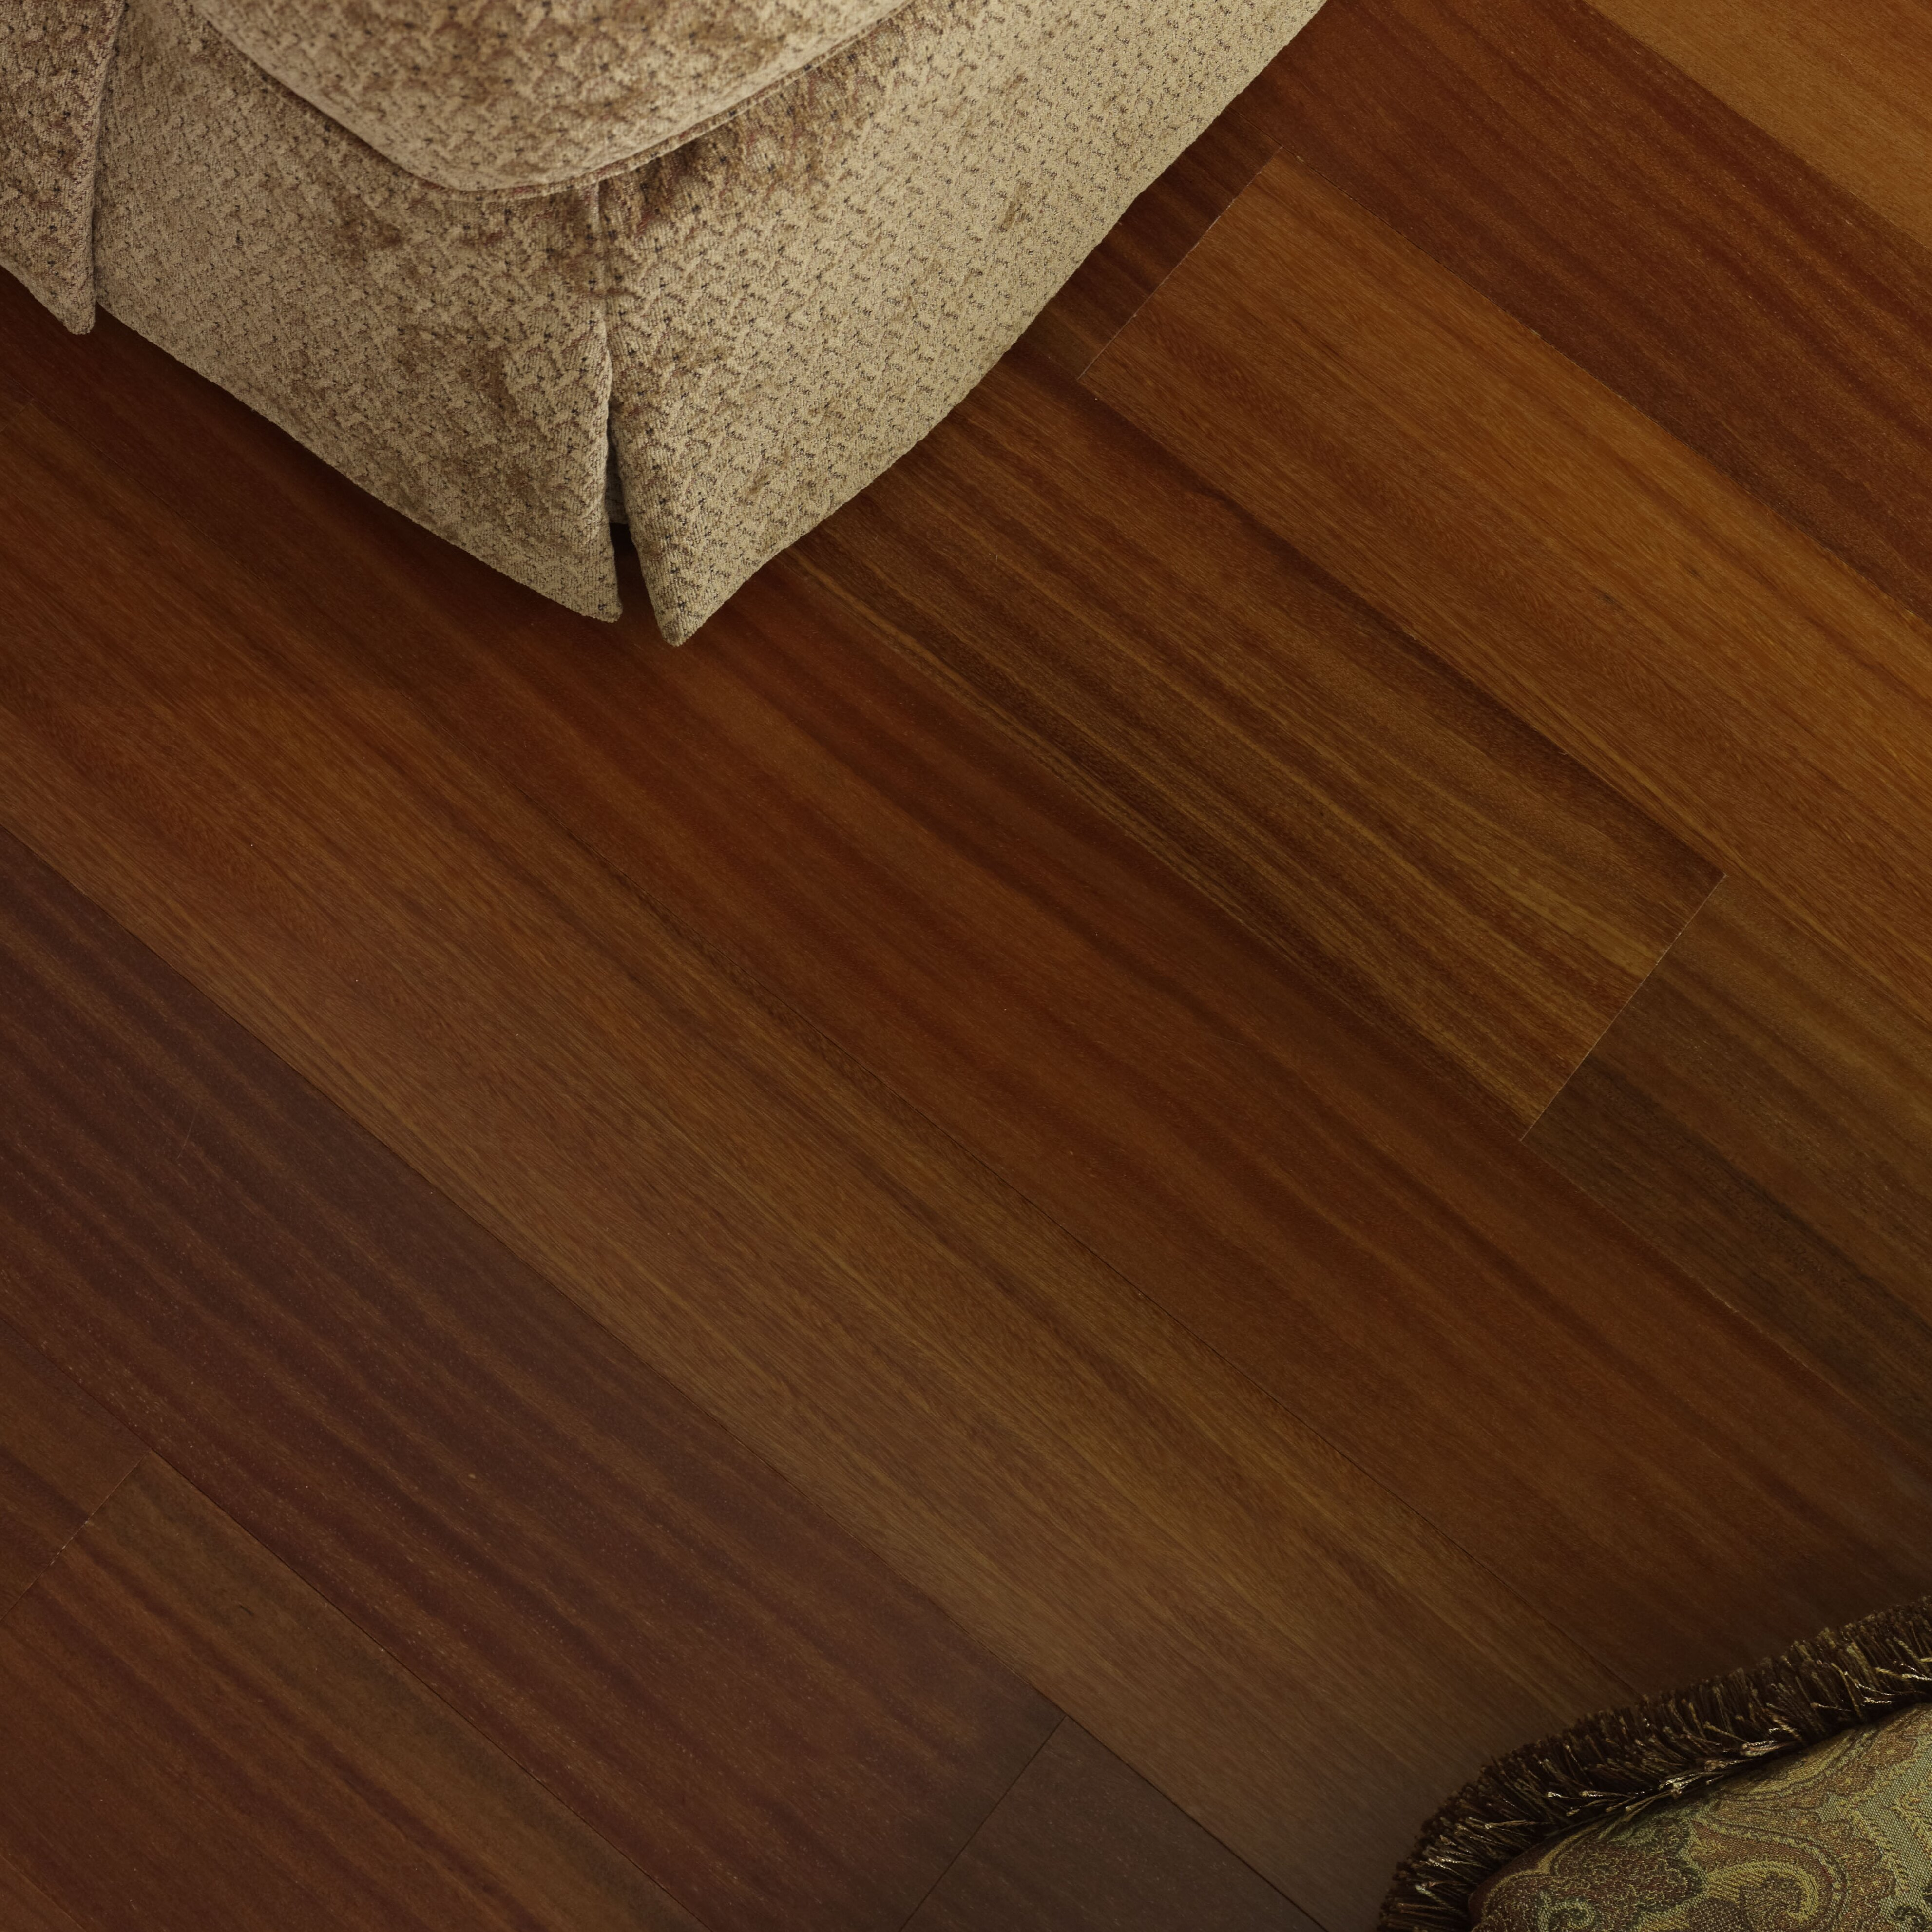 Easoon usa quot solid brazilian teak hardwood flooring